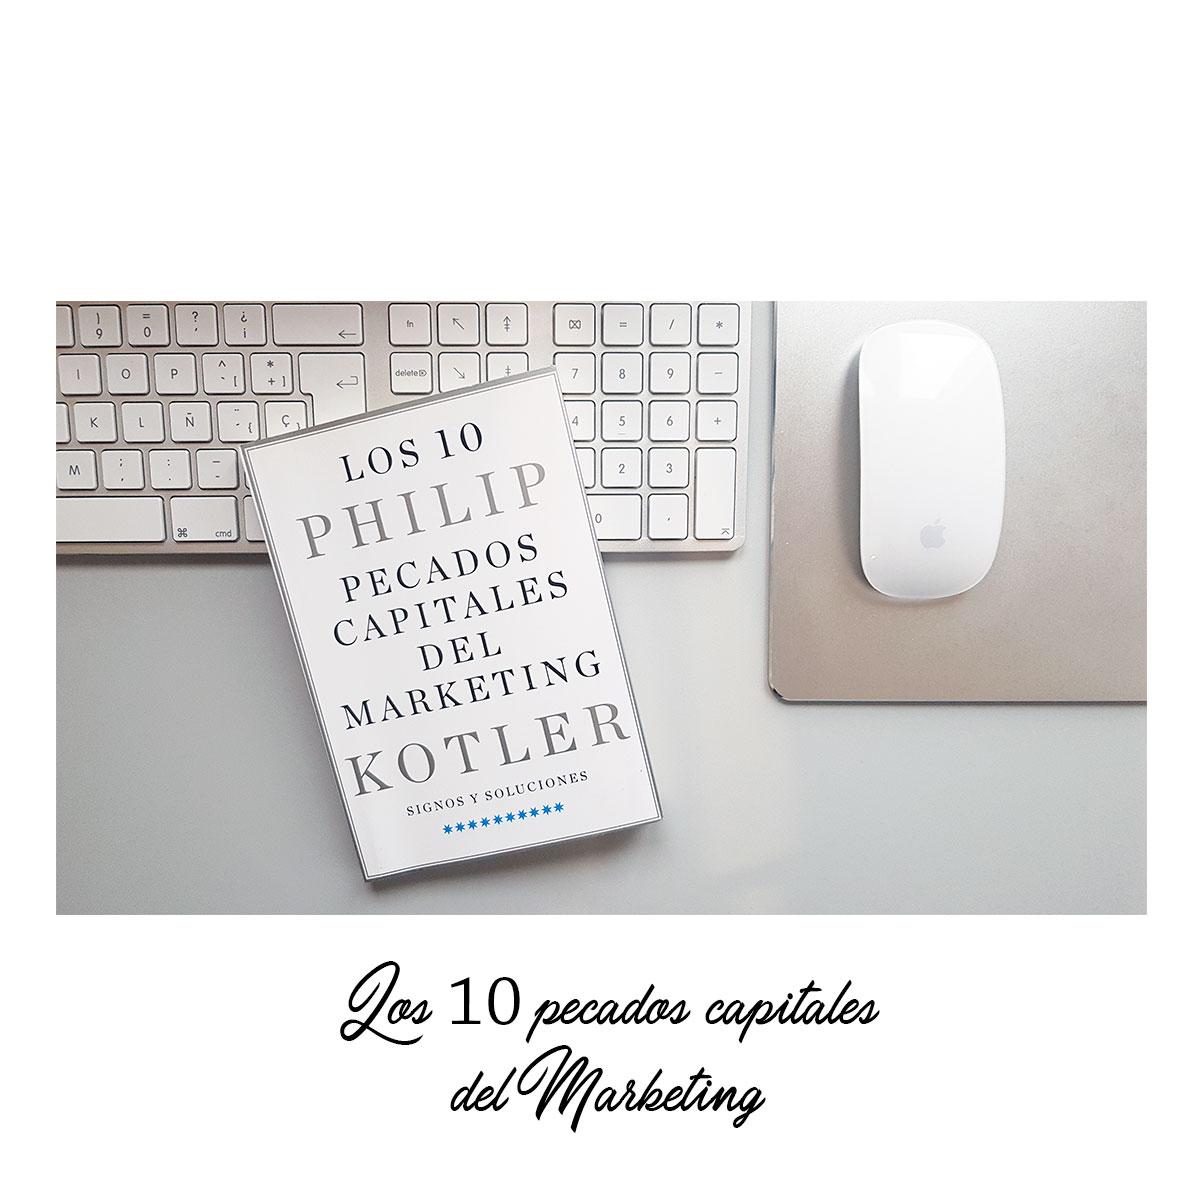 Lectura recomendada Marketing Kotler